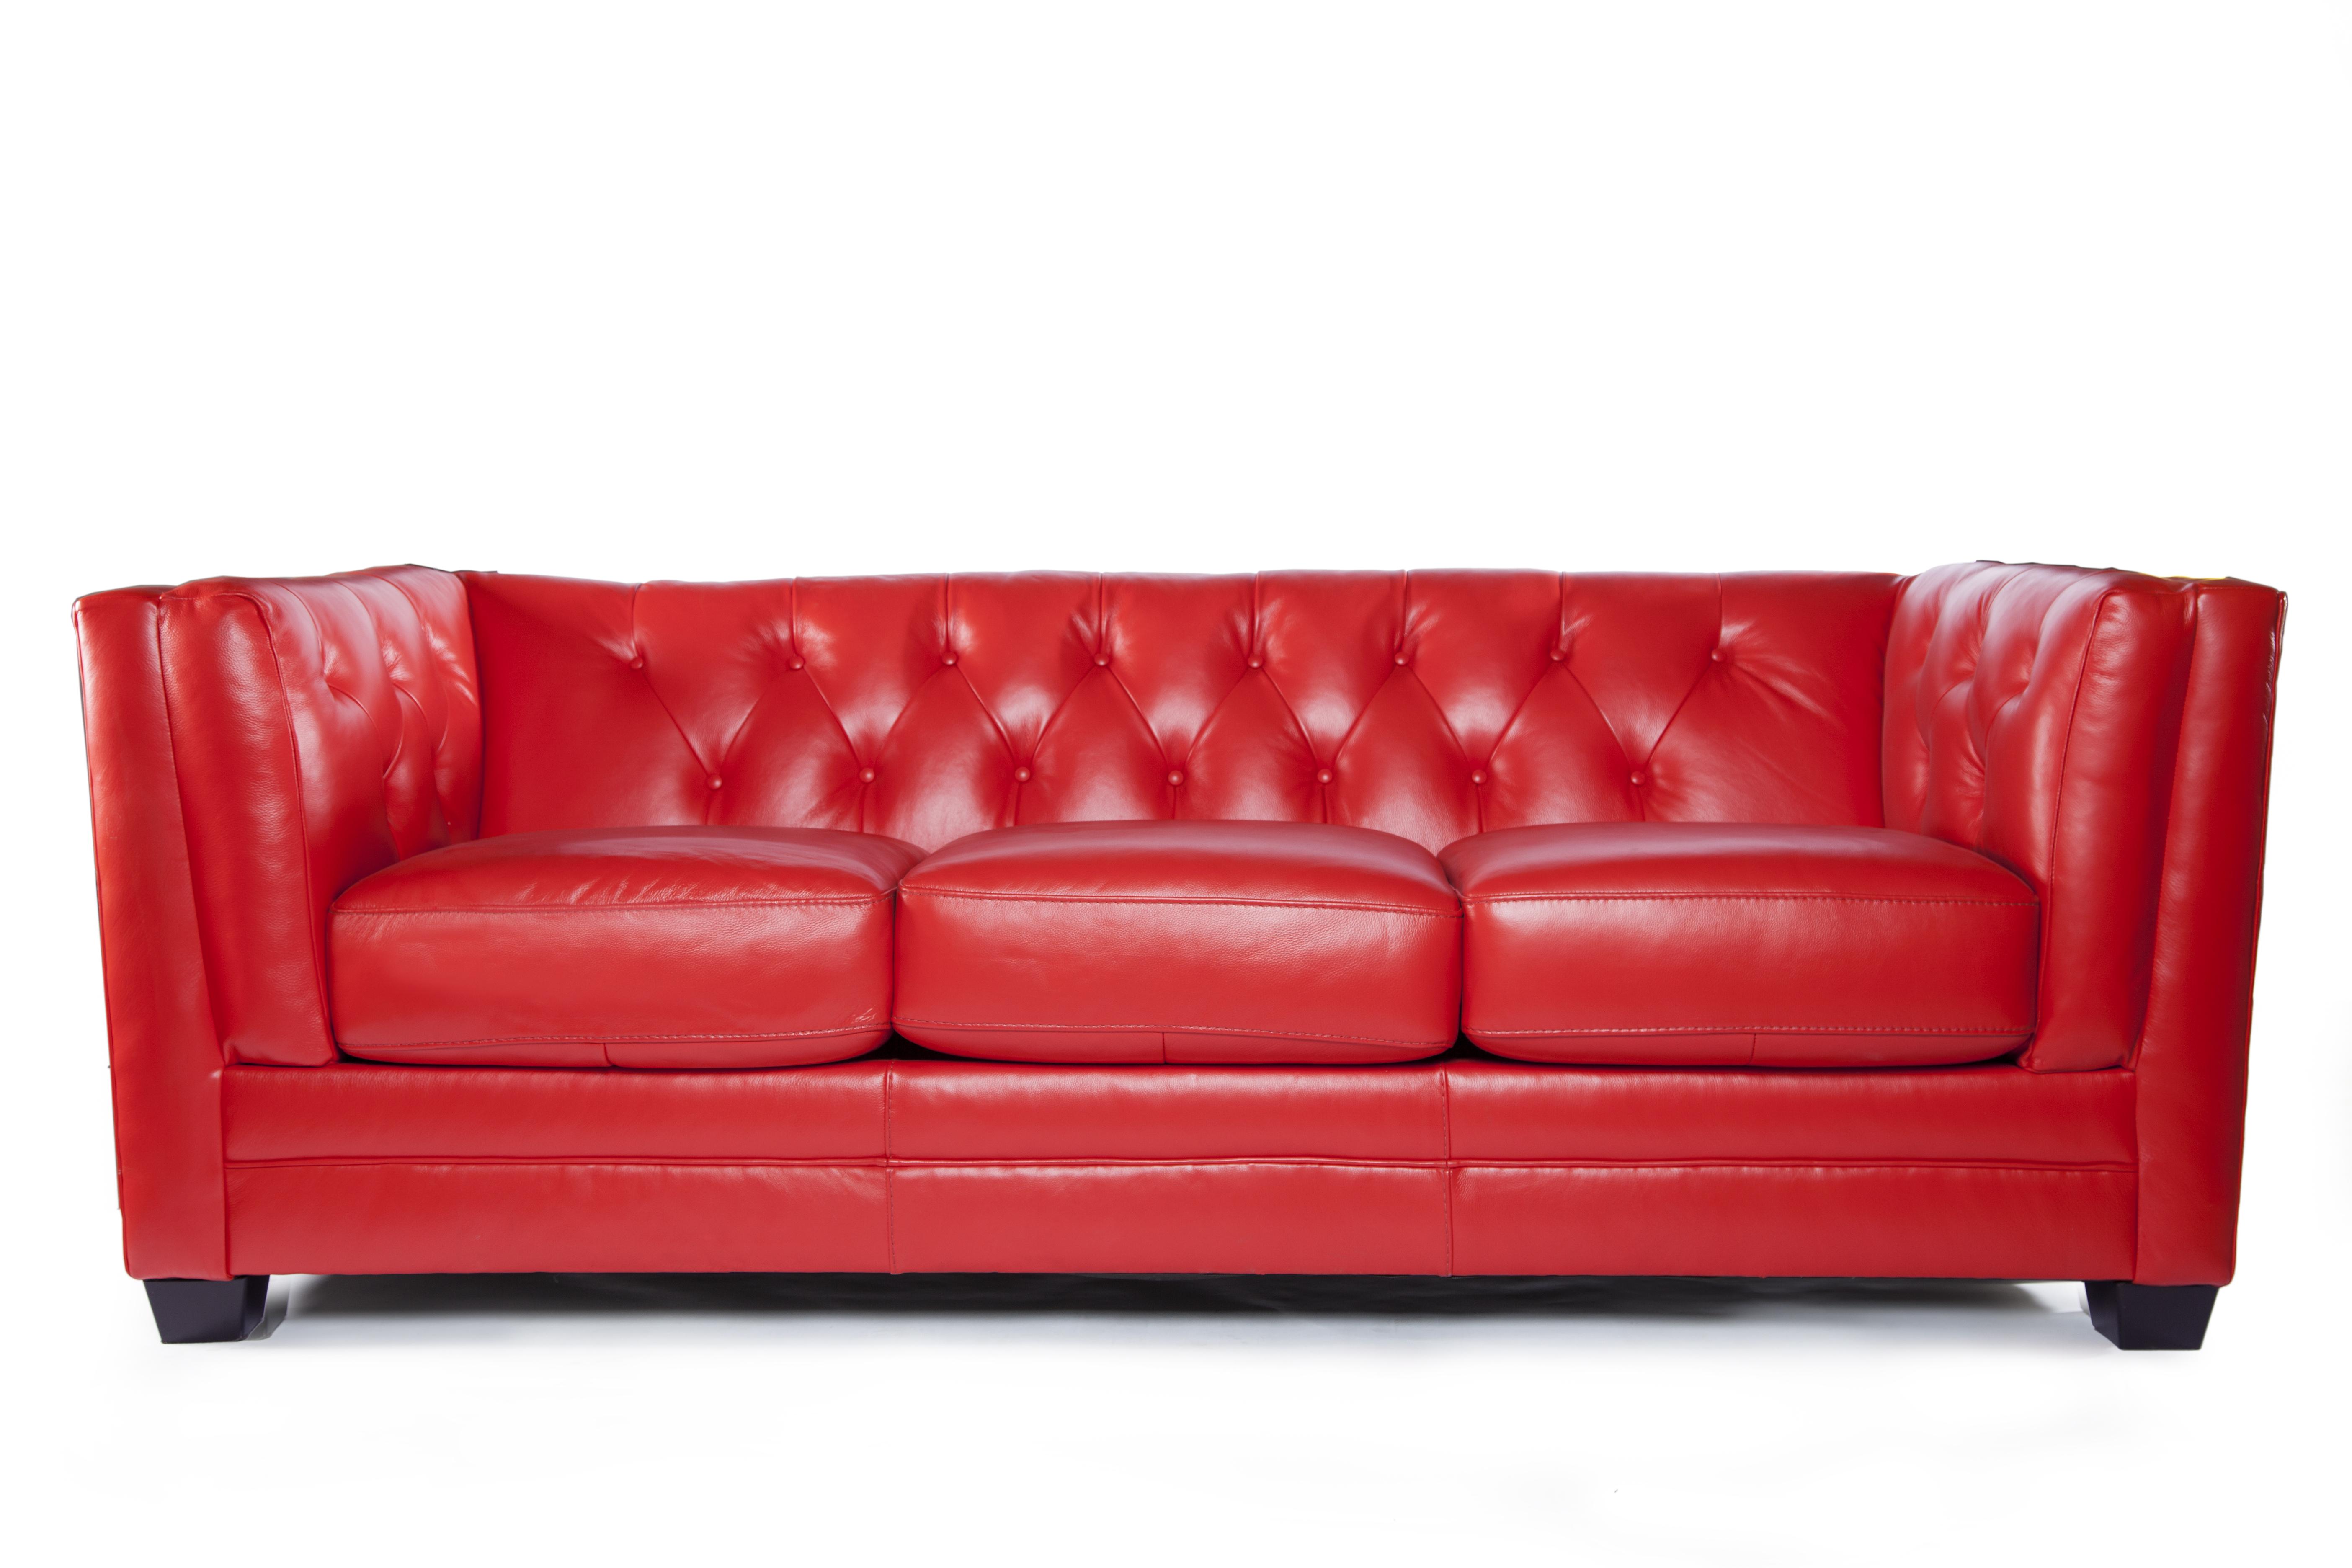 Red Sofa Tour